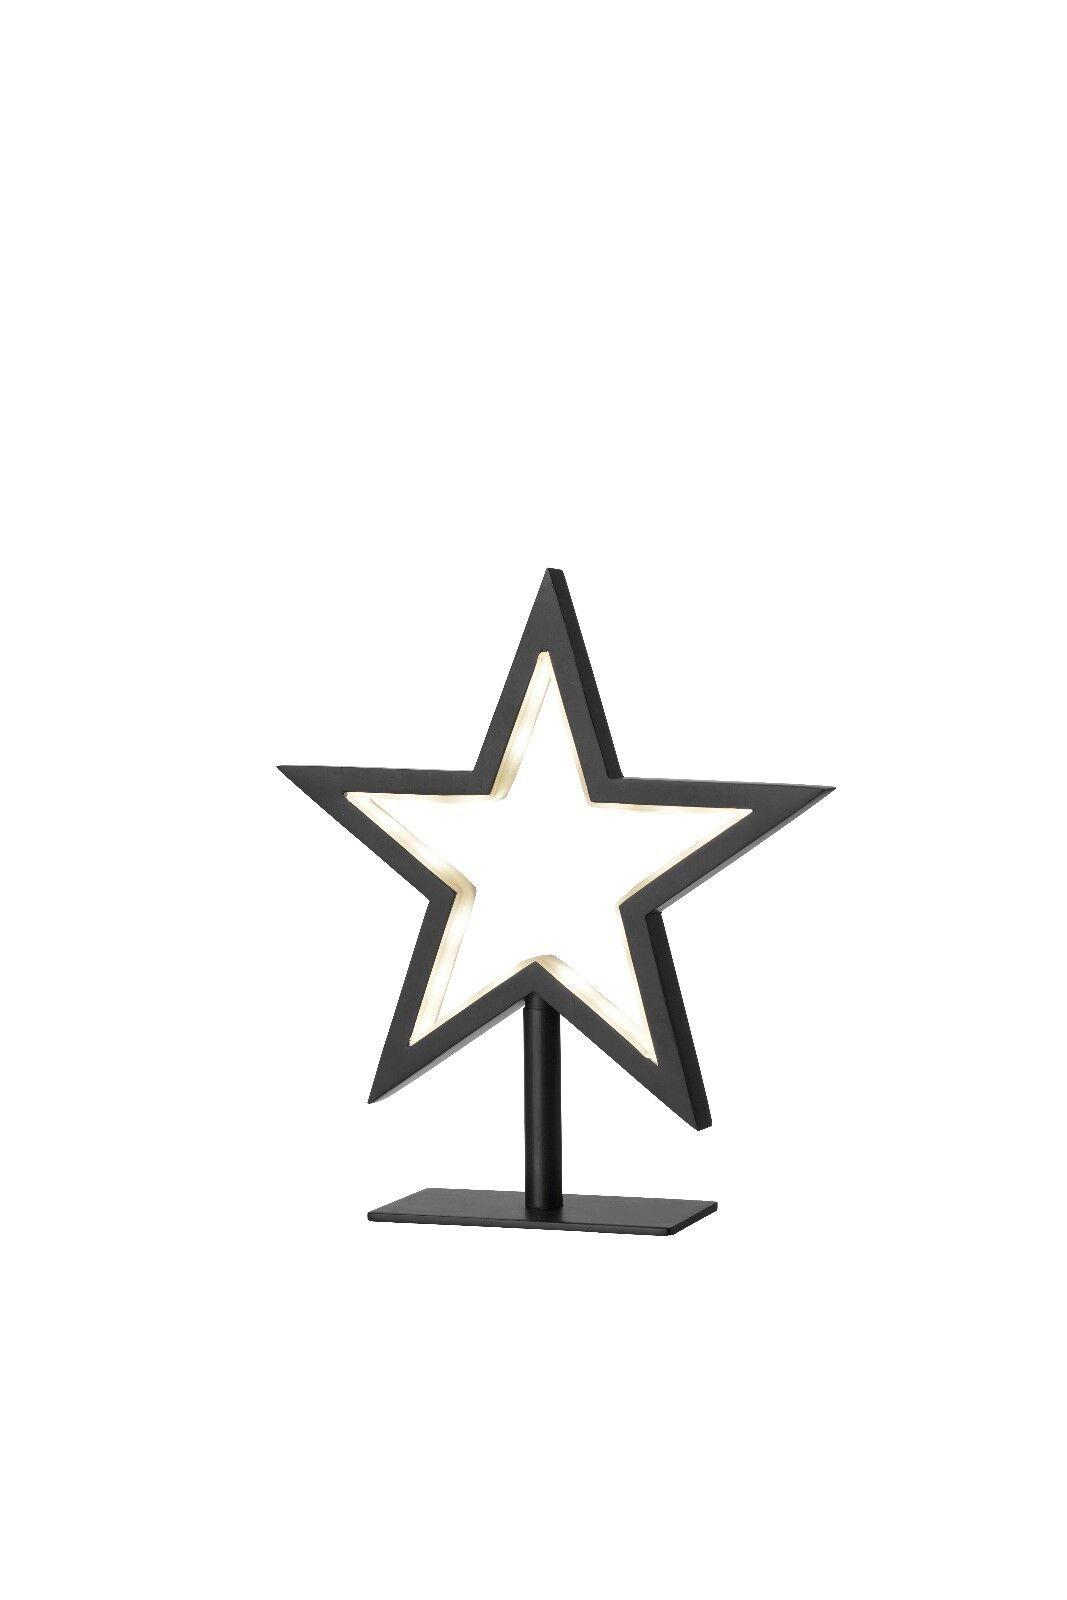 72149 Sompex Lampe de table Lucy-S, Chrome 20 cm Lampe Noir étoile pour poser